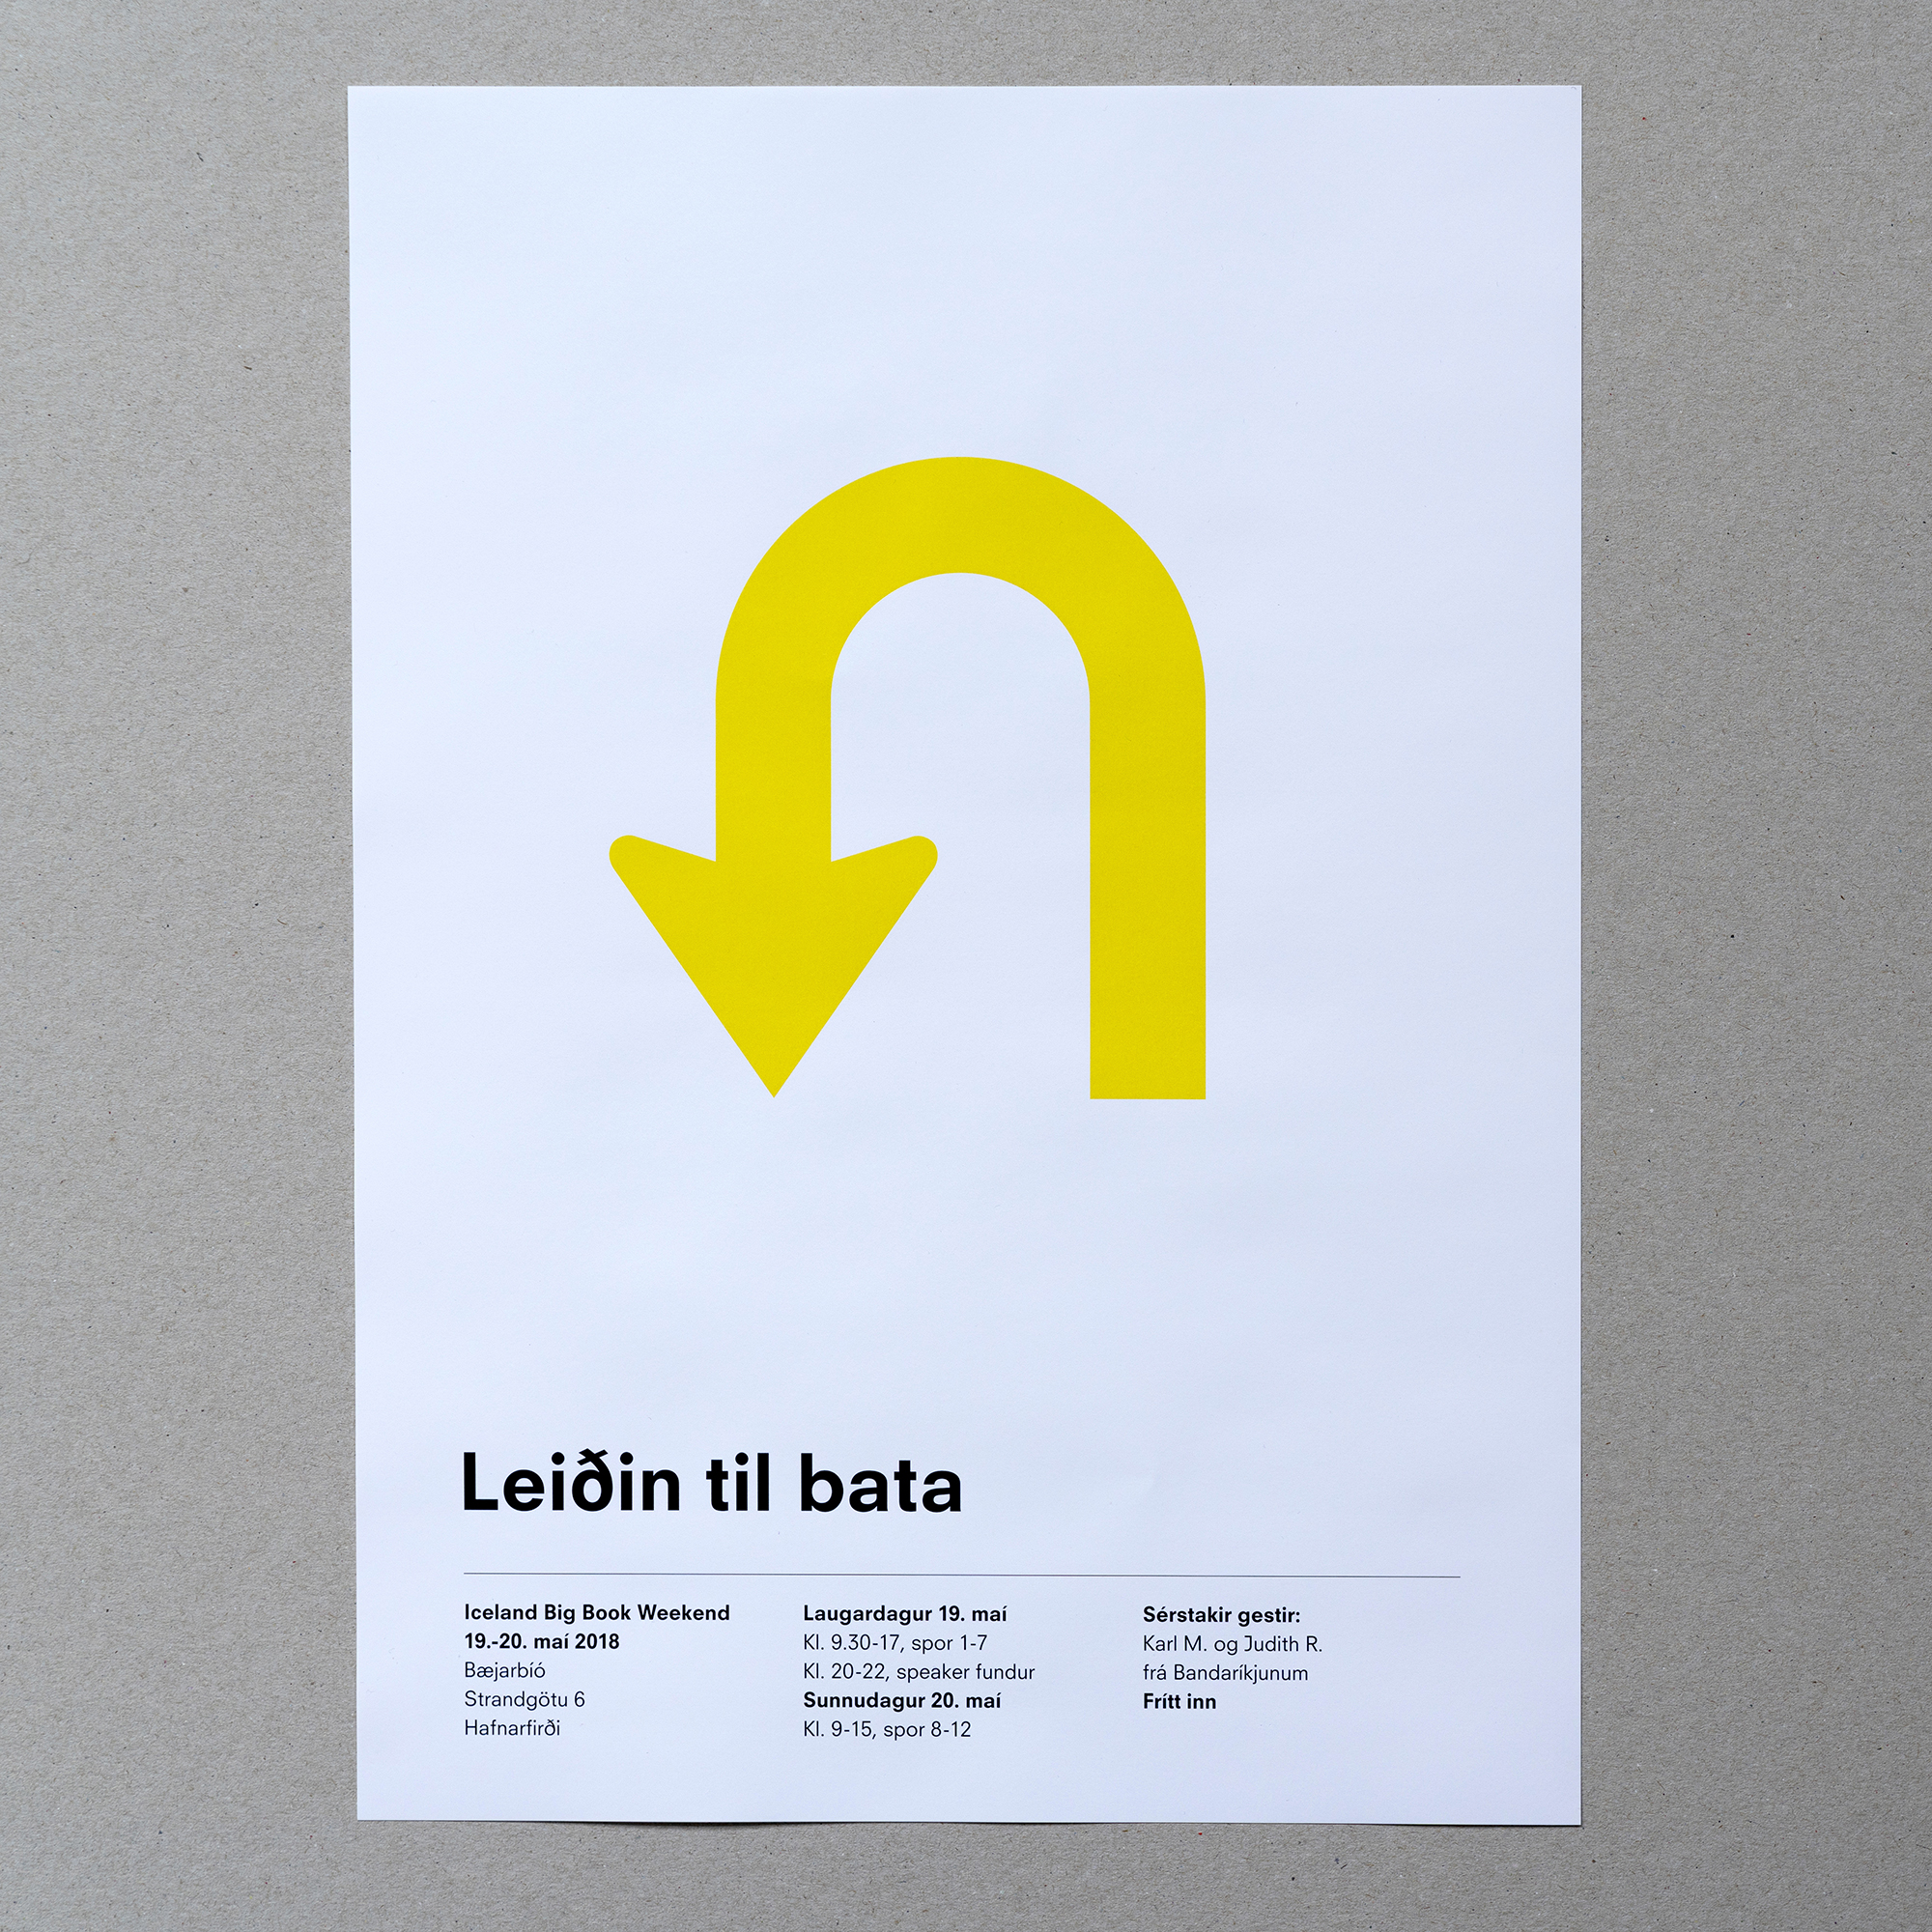 leidin_til_bata_dagur_1.jpg